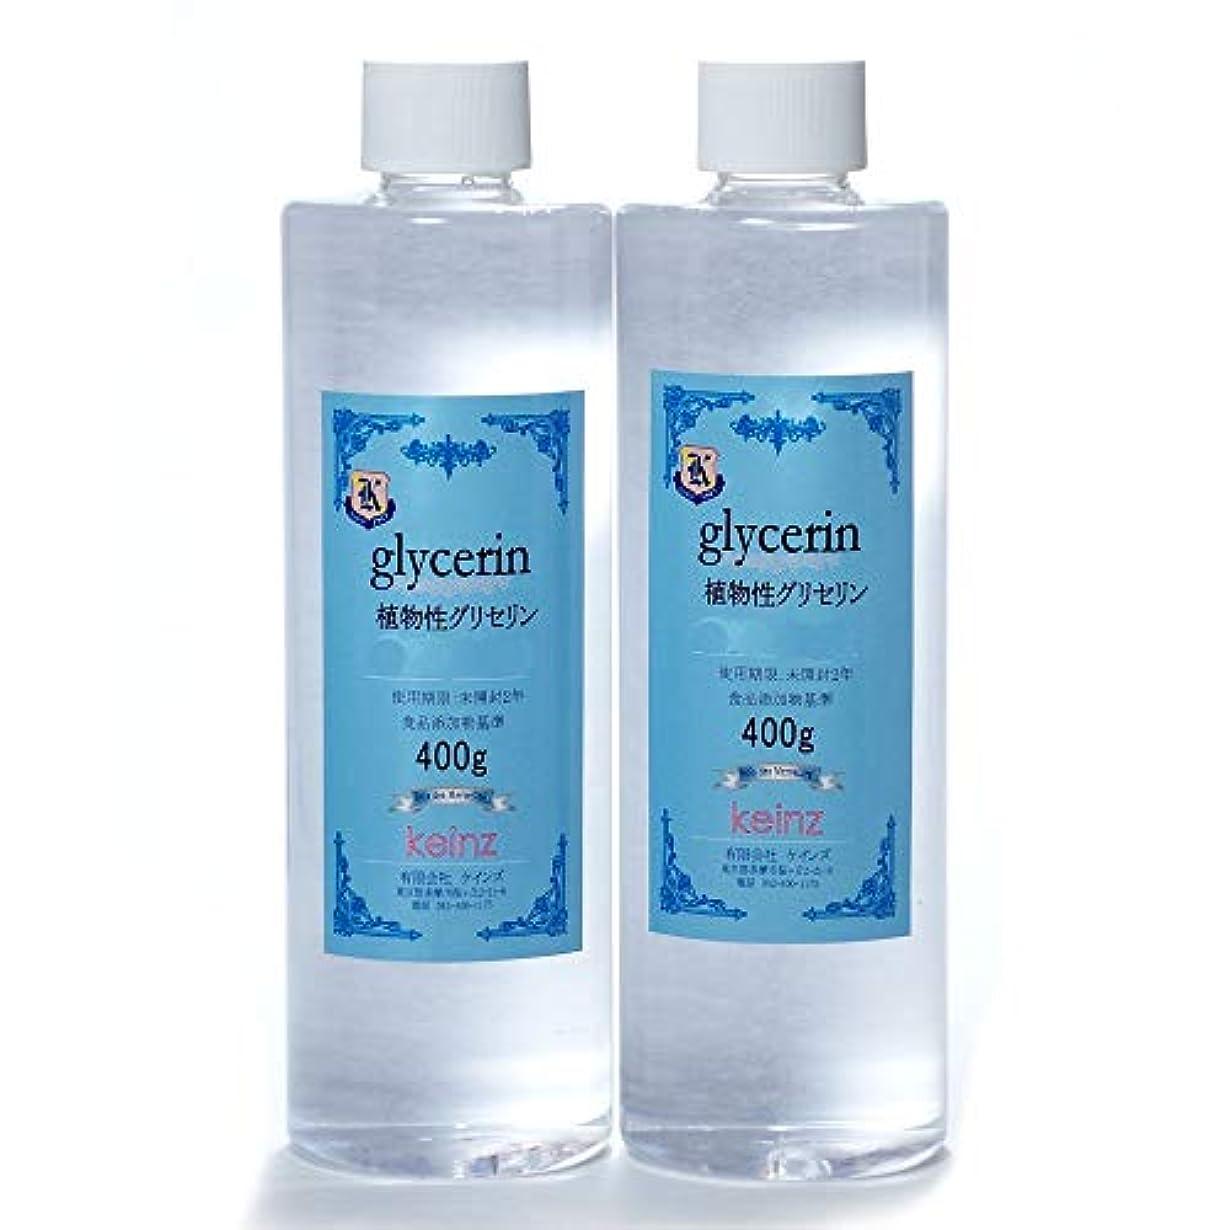 どうやらレポートを書くに関してkeinz 品質の良いグリセリン 植物性 800g(400g 2本) 純度99.9~100% 化粧品材料 keinz正規品 食品添加物基準につき化粧品グレードより純度が高い。日本製